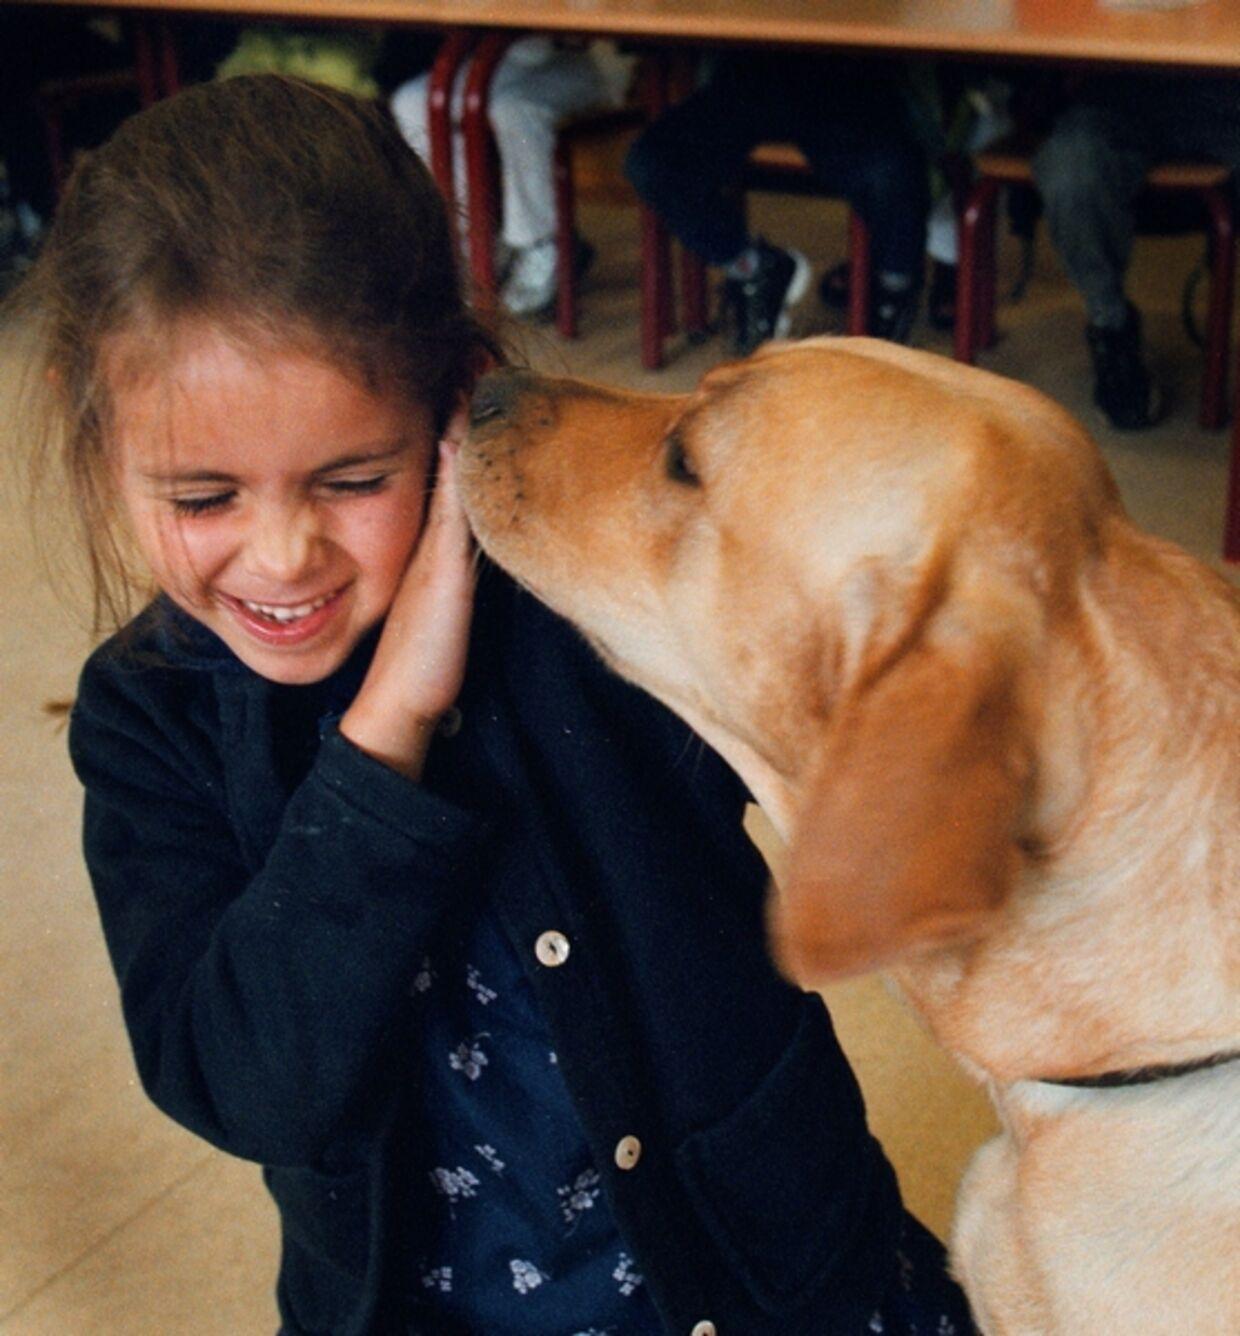 Det er vigtigt at barnet tidligt lærer at omgåes hunde. Kender barnet hundens kropssprog, er det nemmere at undgå bid.